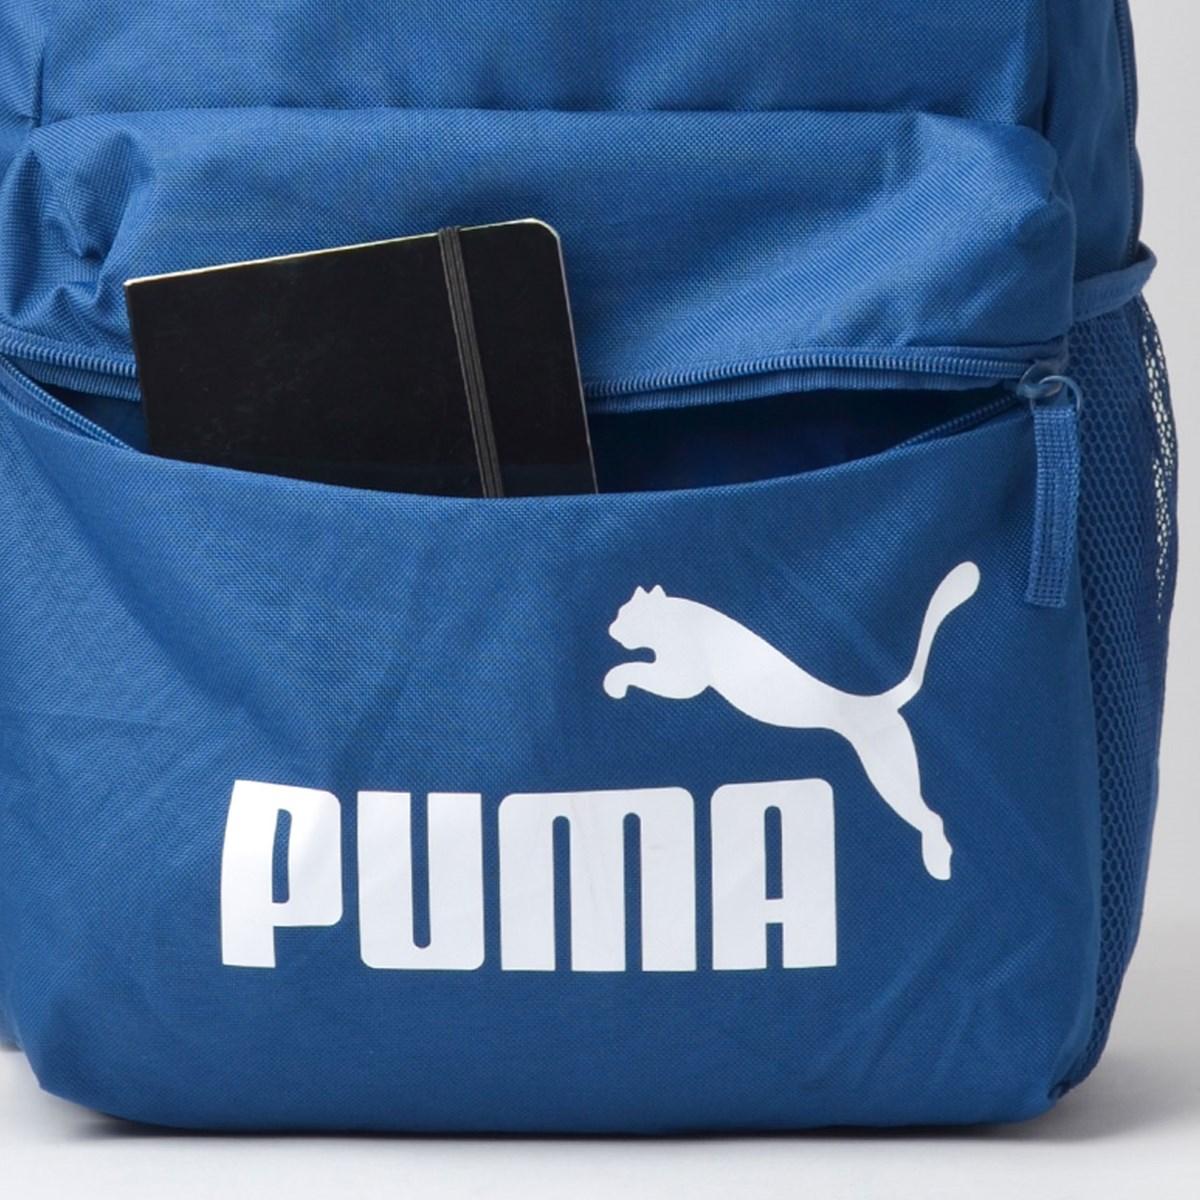 Mochila Puma Phase Backpack Limoges 07548701